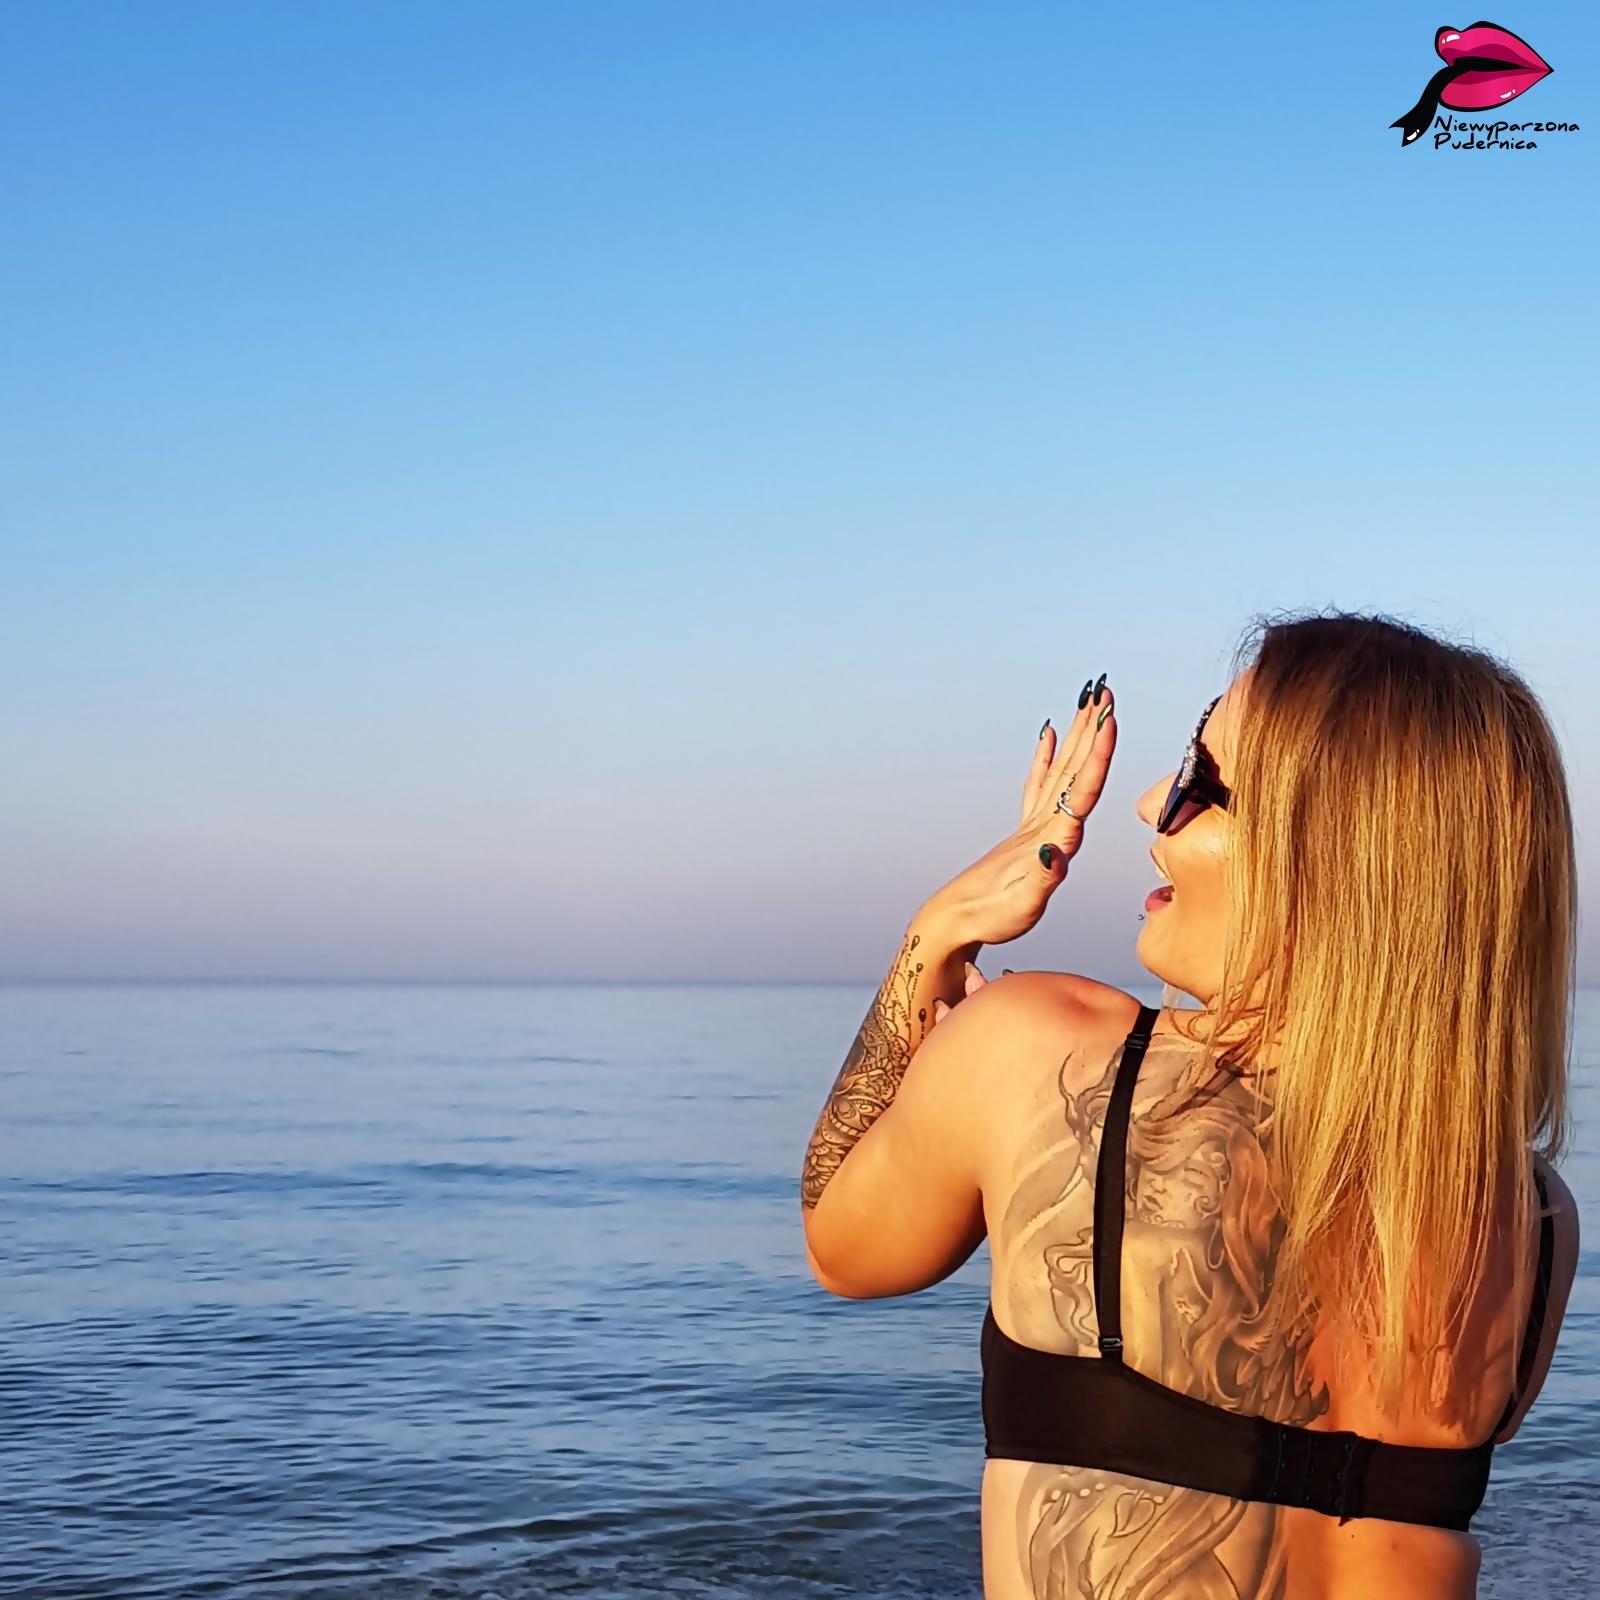 Jak Dbać O Tatuaż Czy Tatuaż Boli Wszystko Co Powinieneś